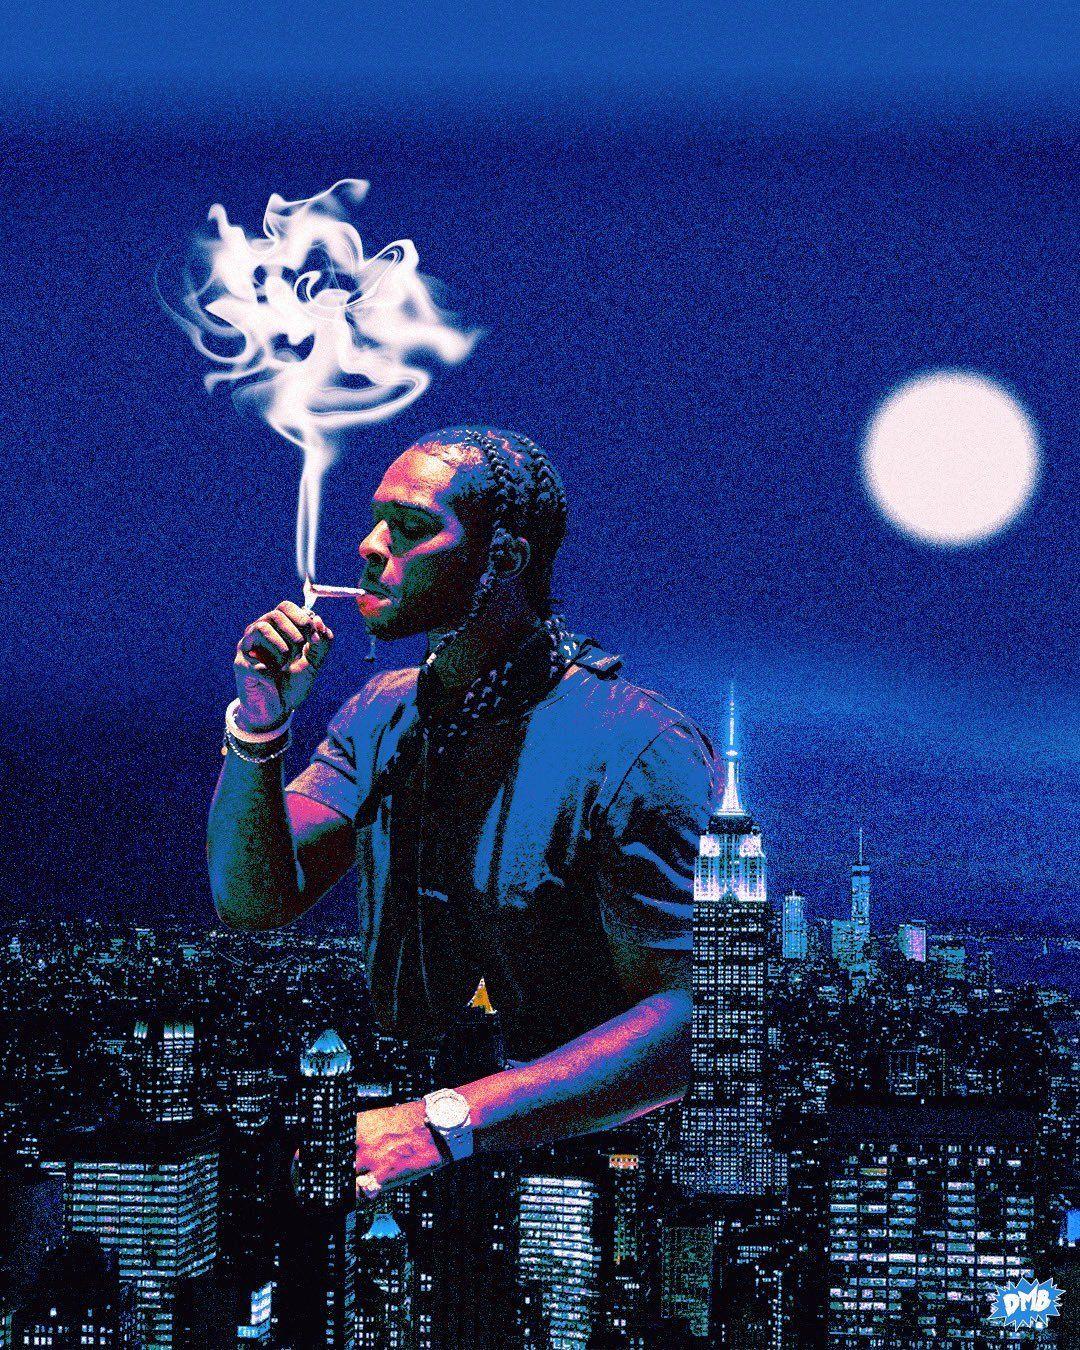 Smoke Trippy Aesthetic : smoke, trippy, aesthetic, R.I.P, Smoke